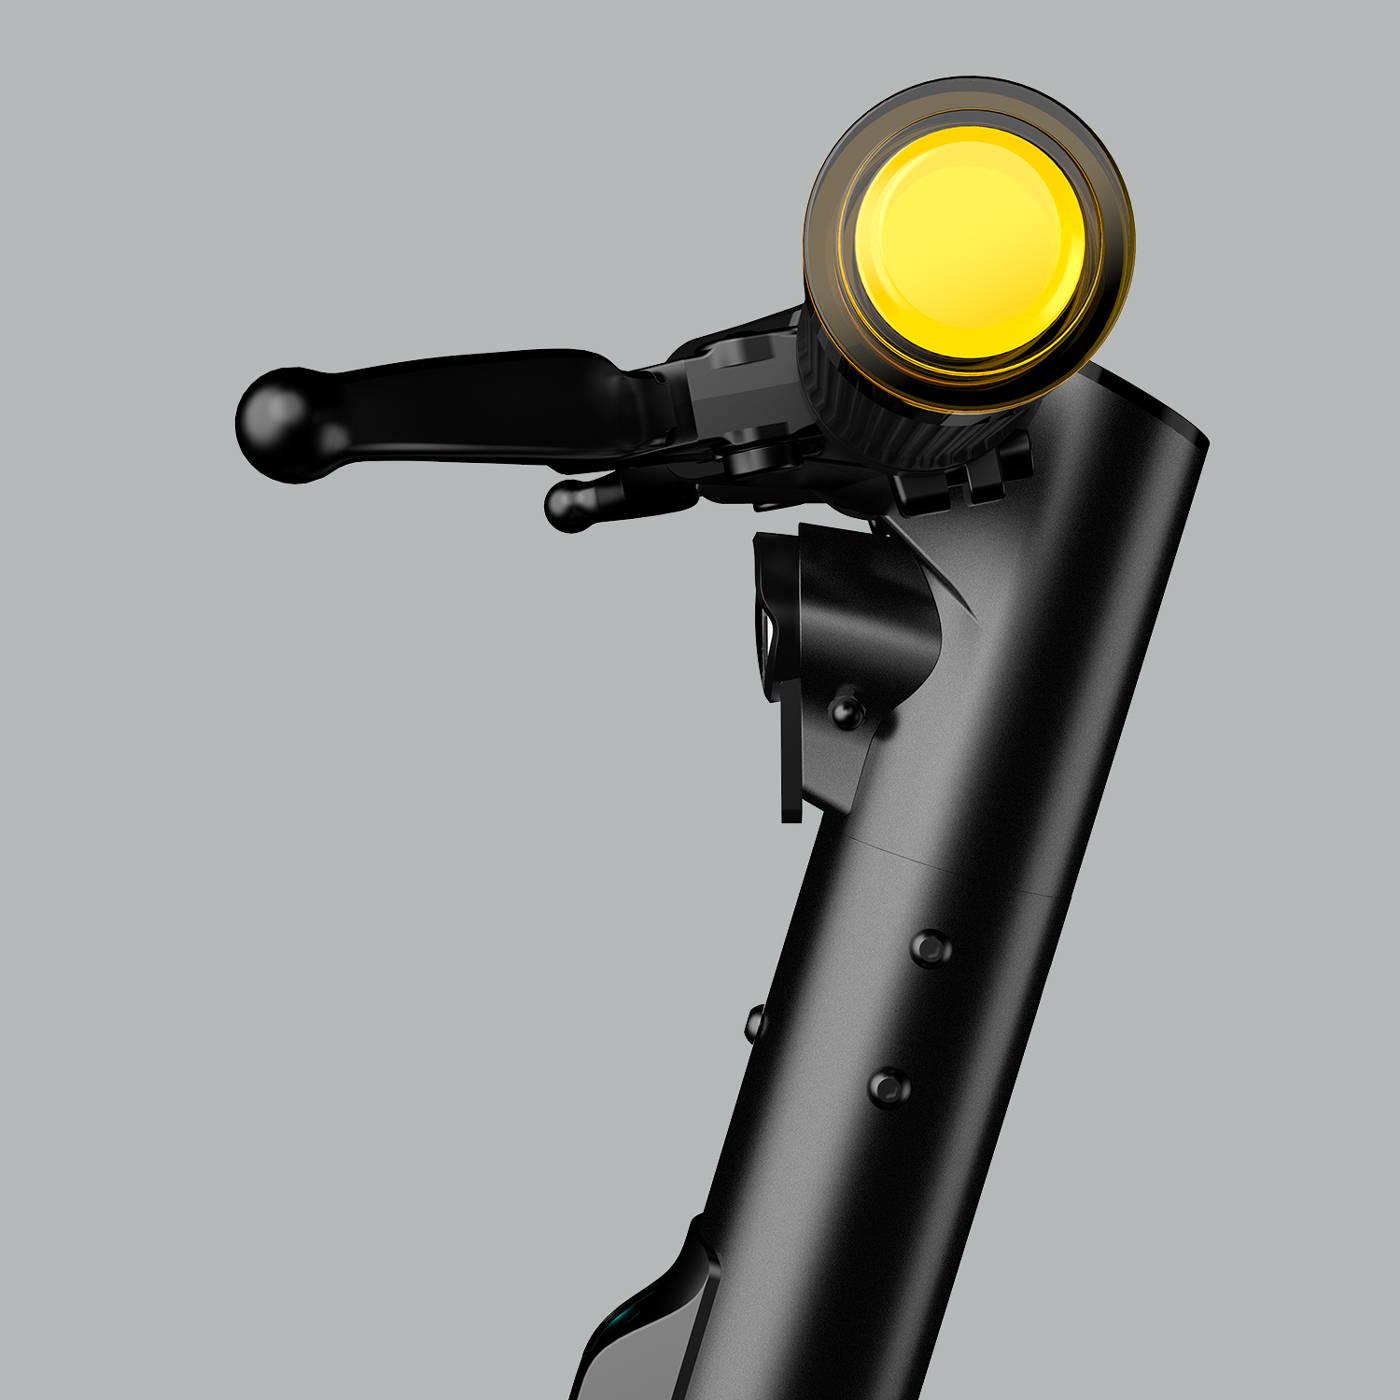 Okai-electric-scooter-es400b-handlebar-indicators-mobile